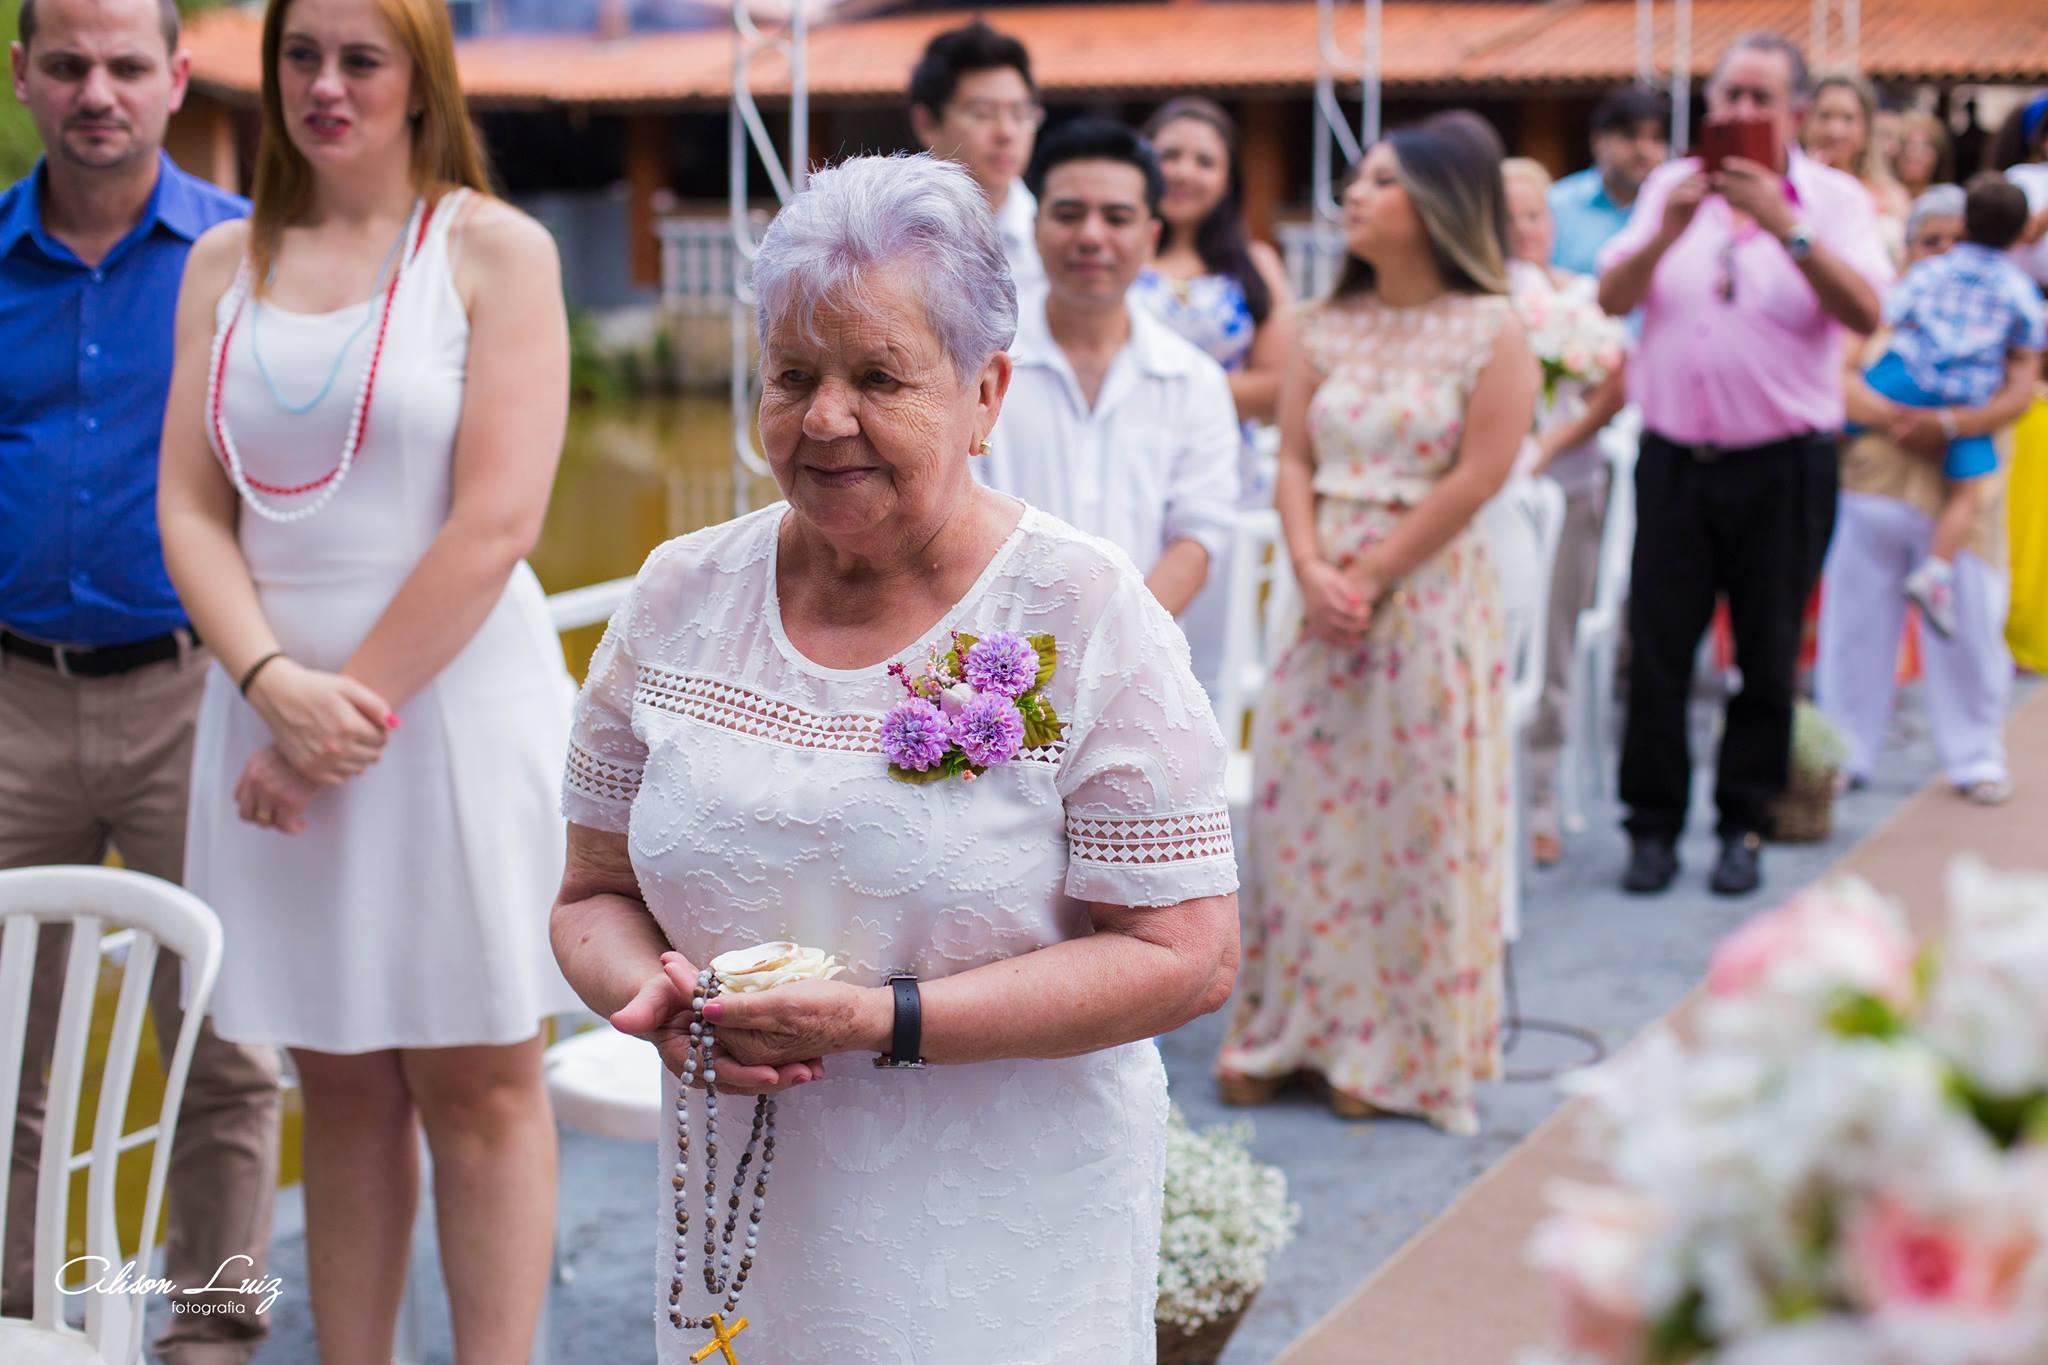 Fotógrafo evangélico registra casamento umbandista e faz lindo relato do que viu 4